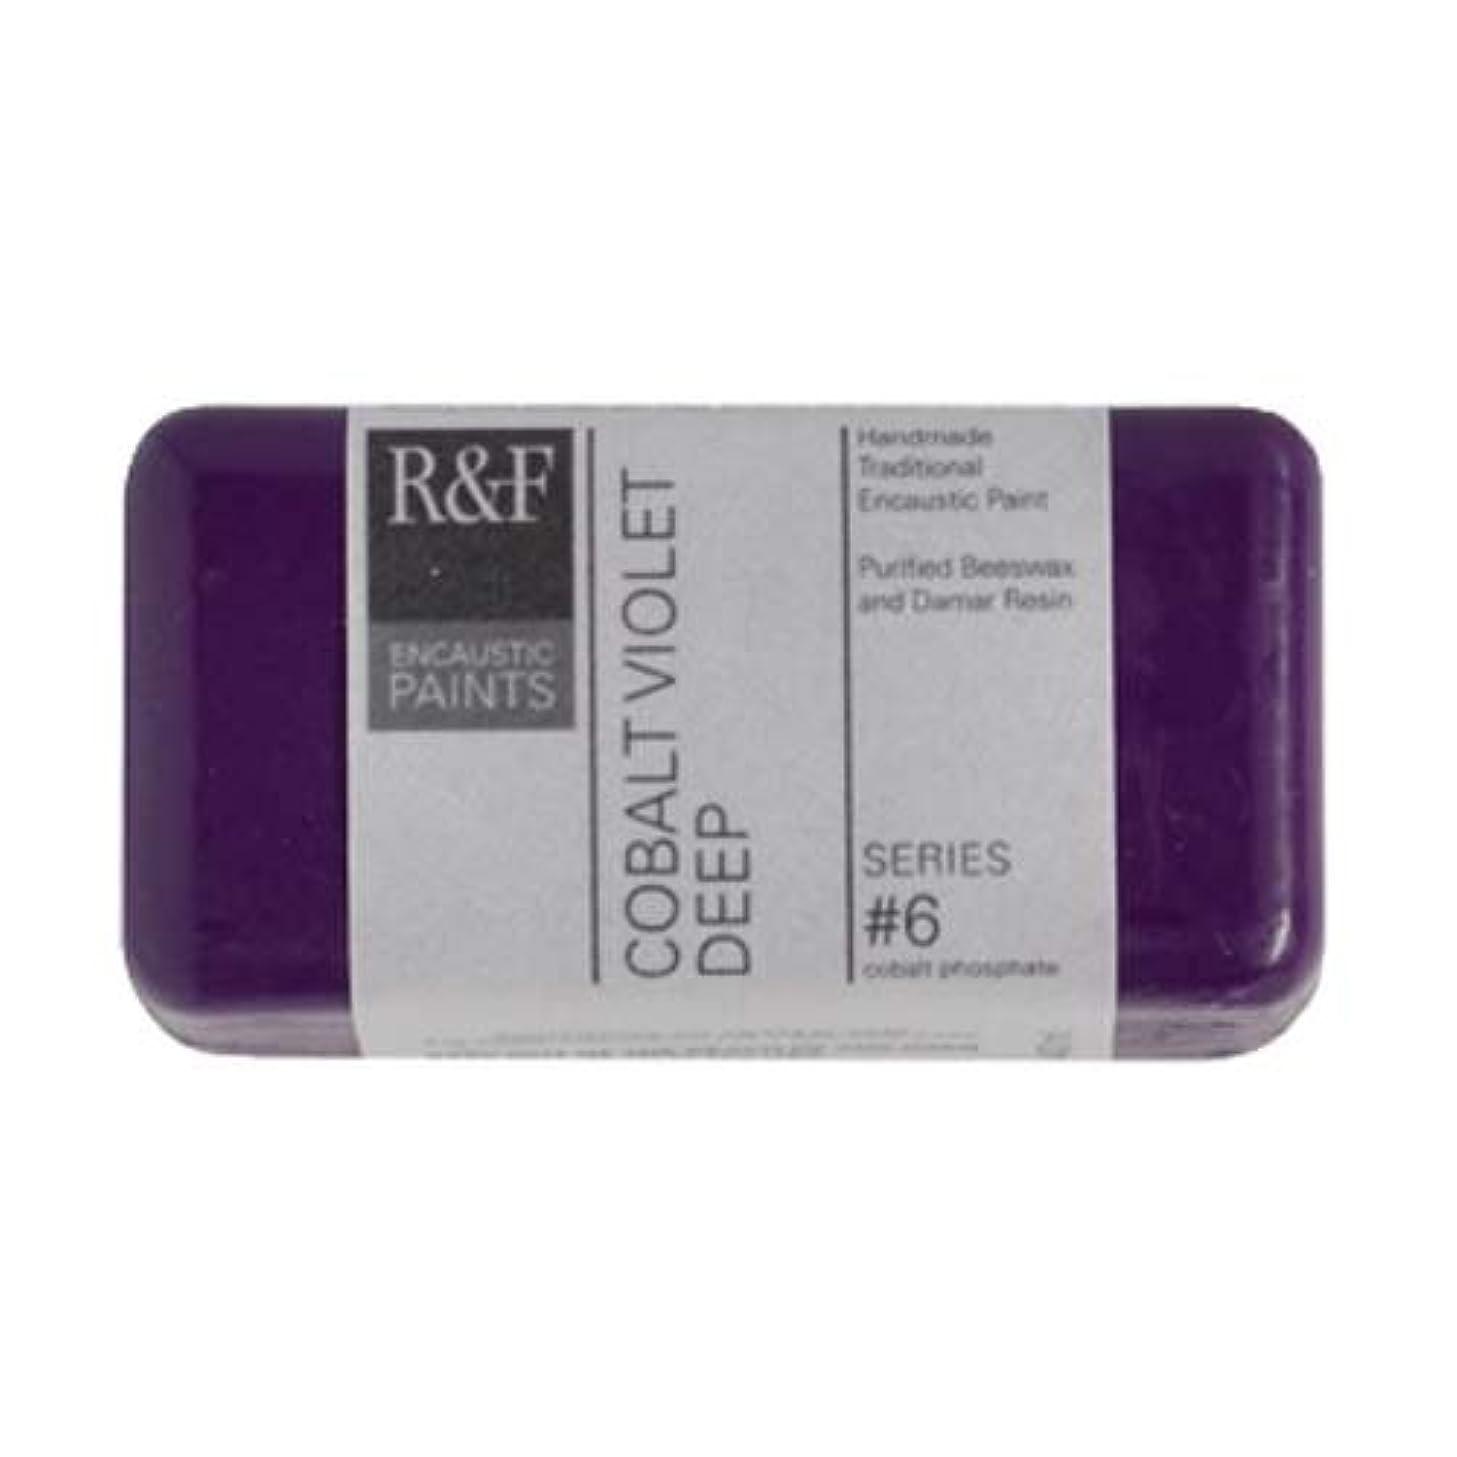 R&F Encaustic 40ml Paint, Cobalt Violet Deep